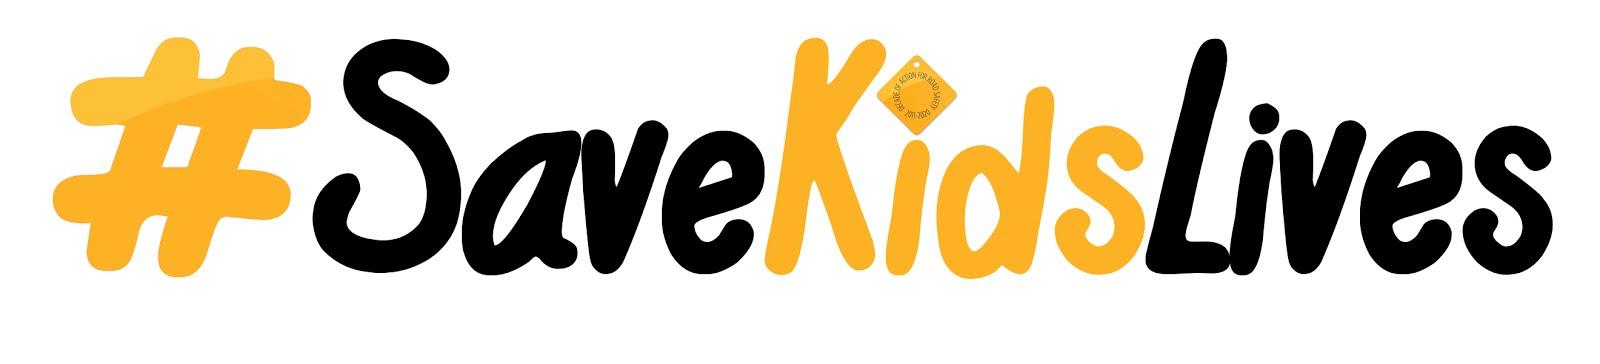 Save Kids Live